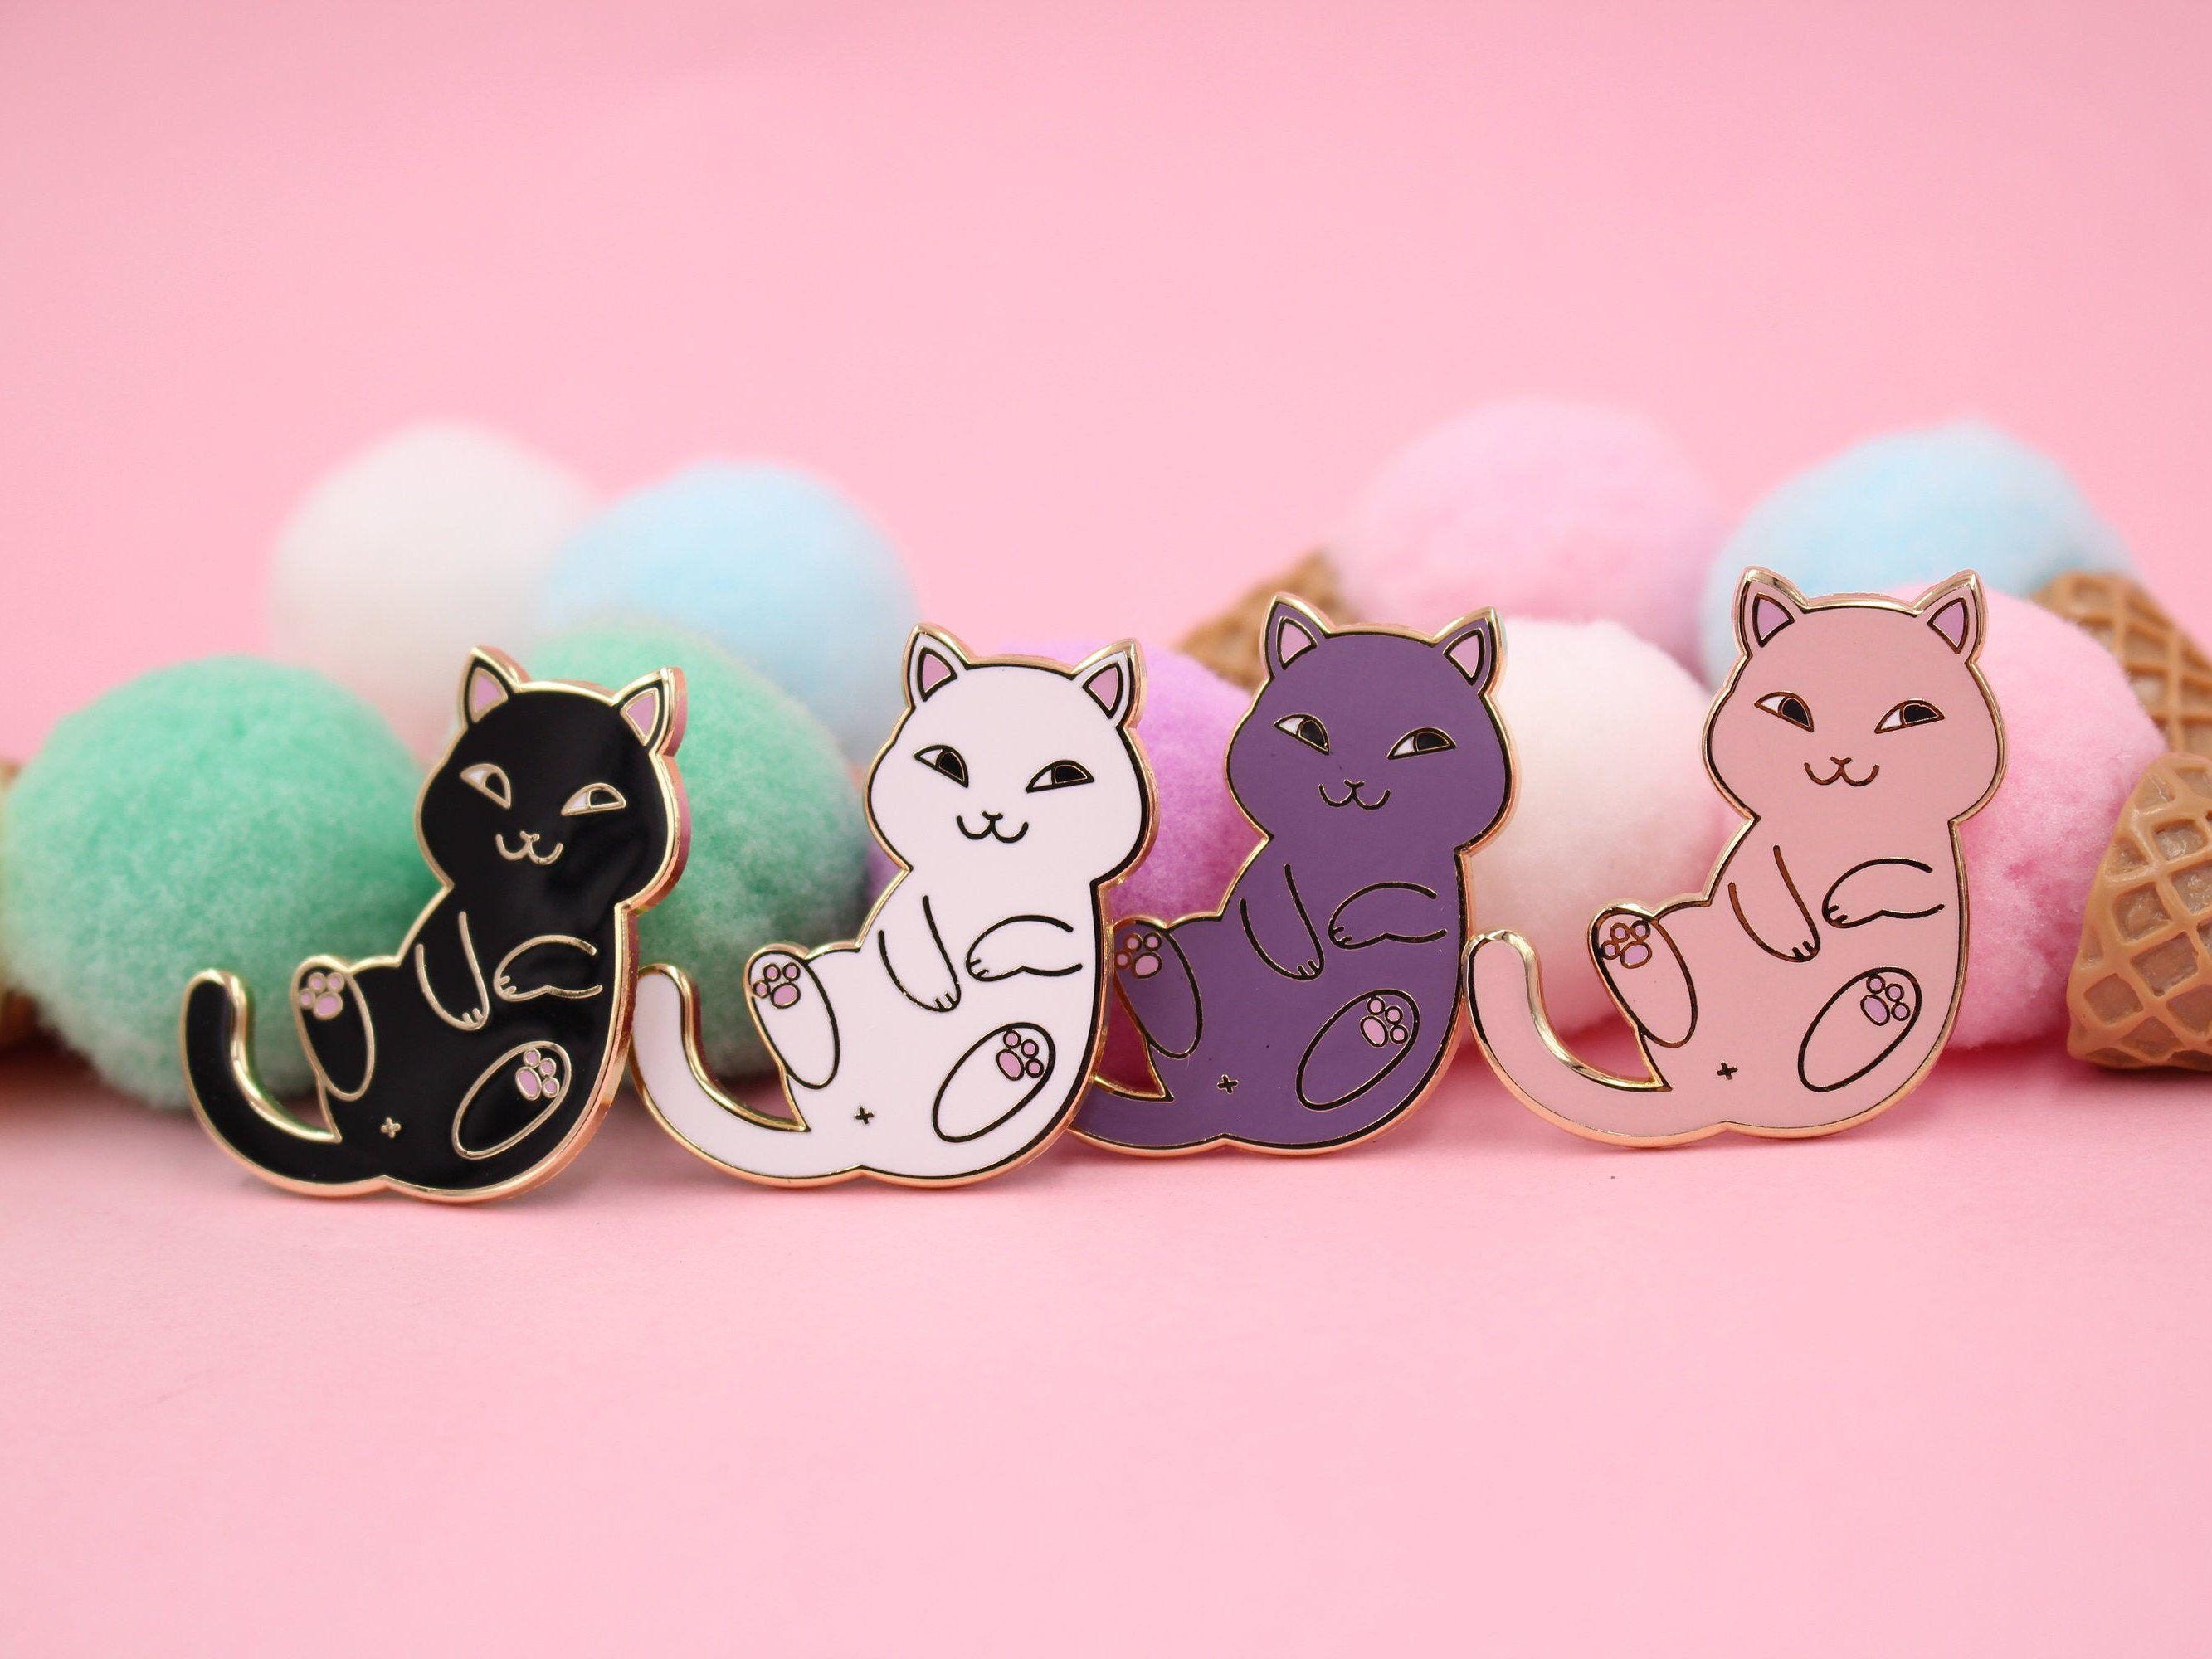 2aea7b7cec67 Playful Cat Enamel Pin - Cute & Funny Cat Lapel Pin Set in Black ...